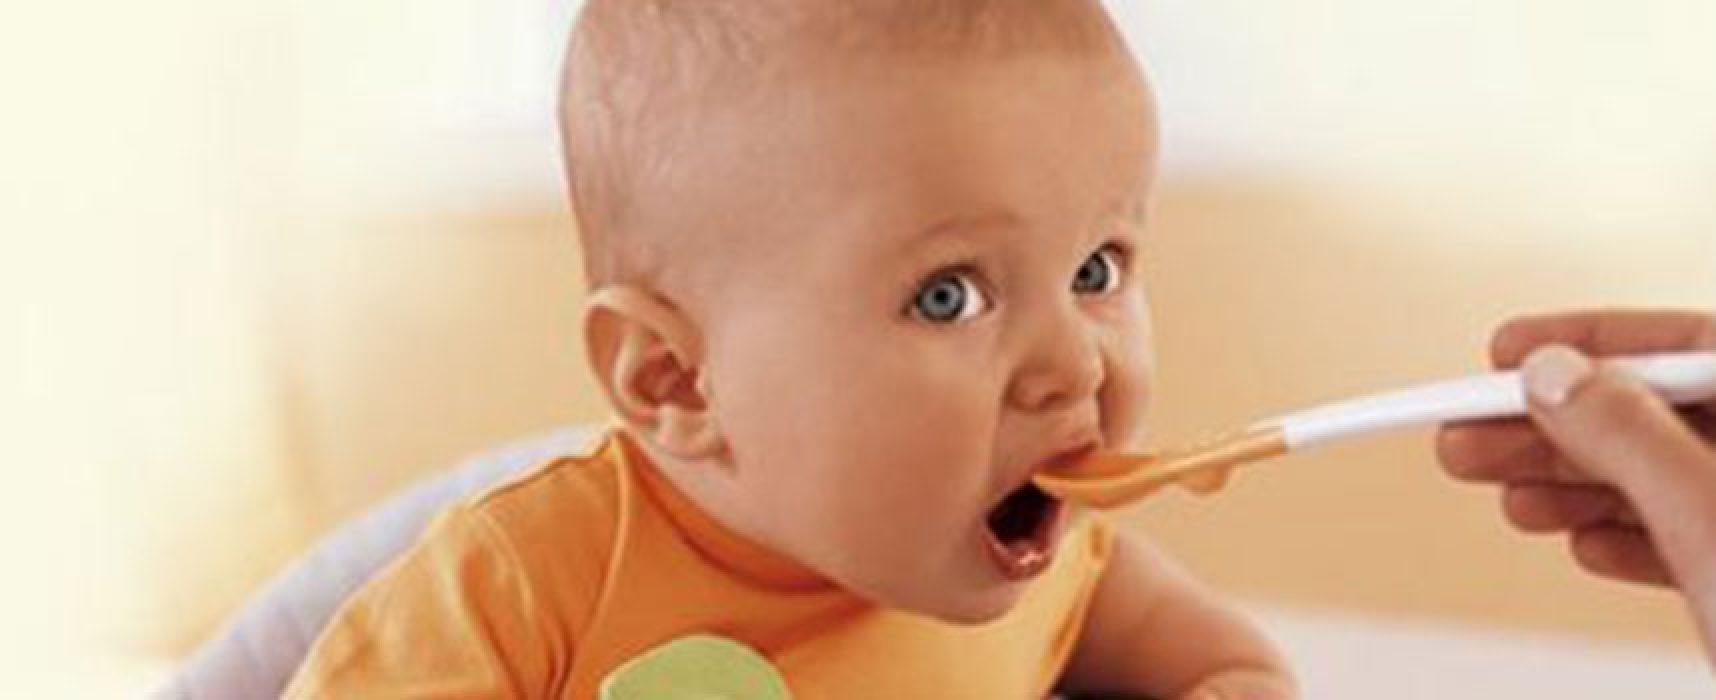 Comitato Progetto Uomo organizza distribuzione gratuita beni per neonati